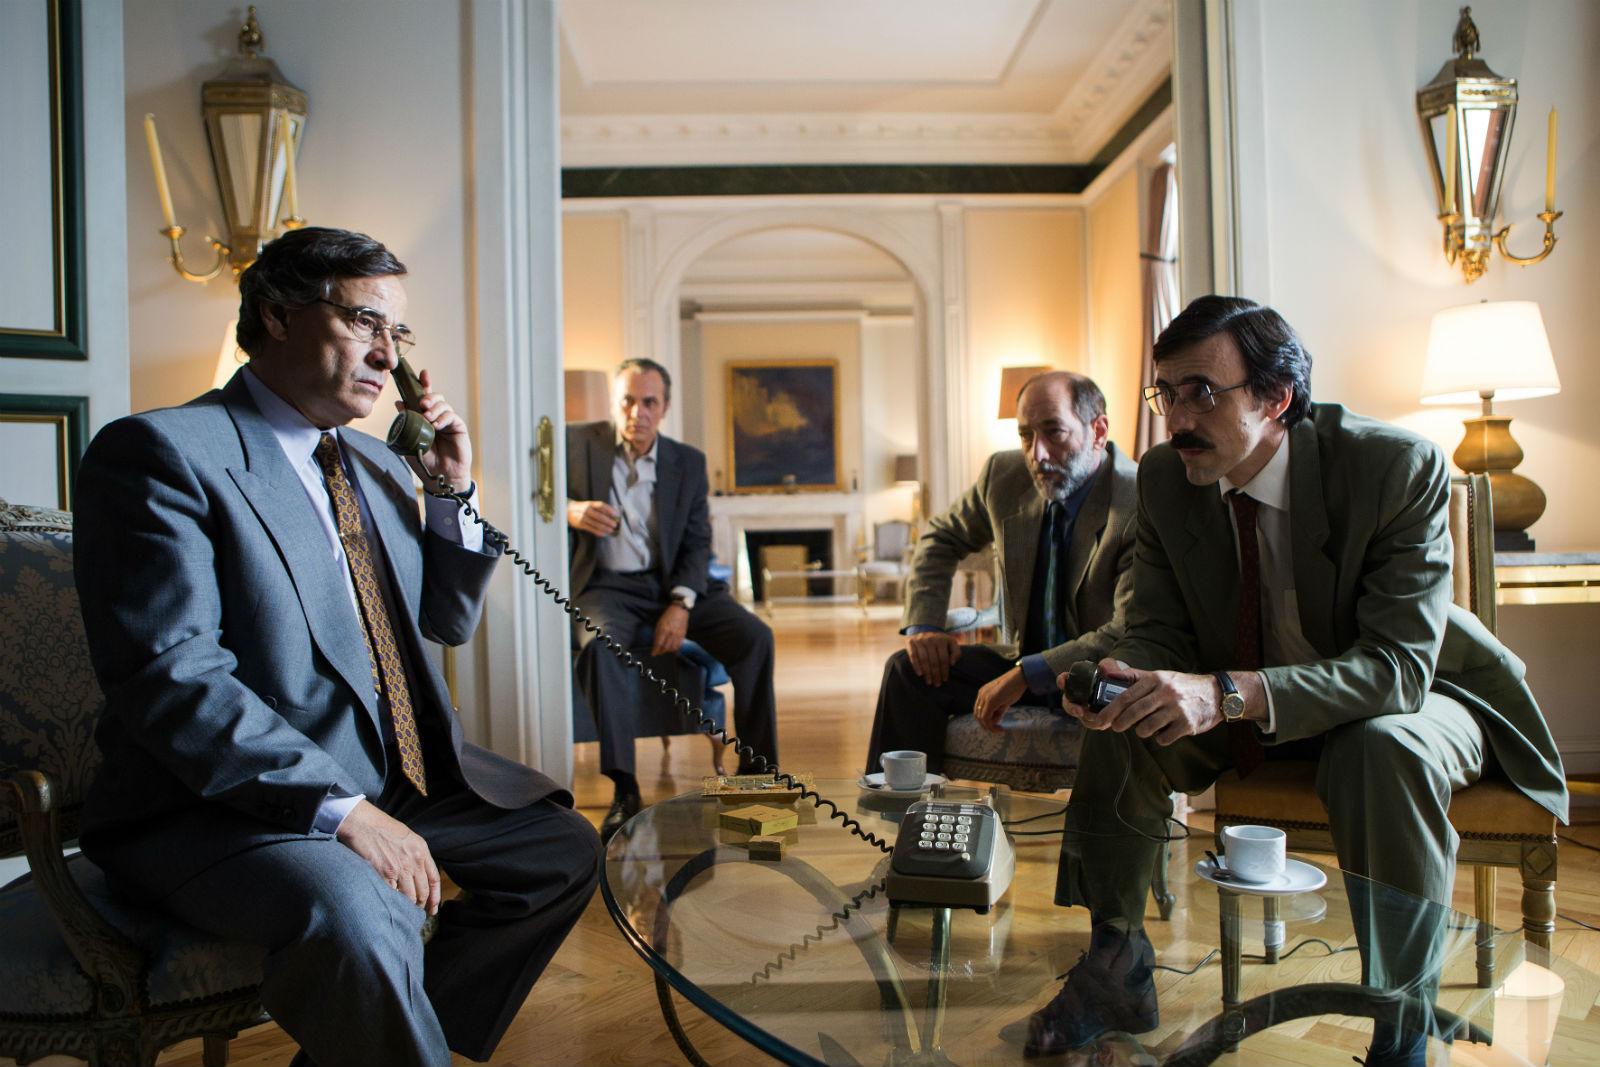 Jose Coronado and Eduard Fernández in El hombre de las mil caras (2016)